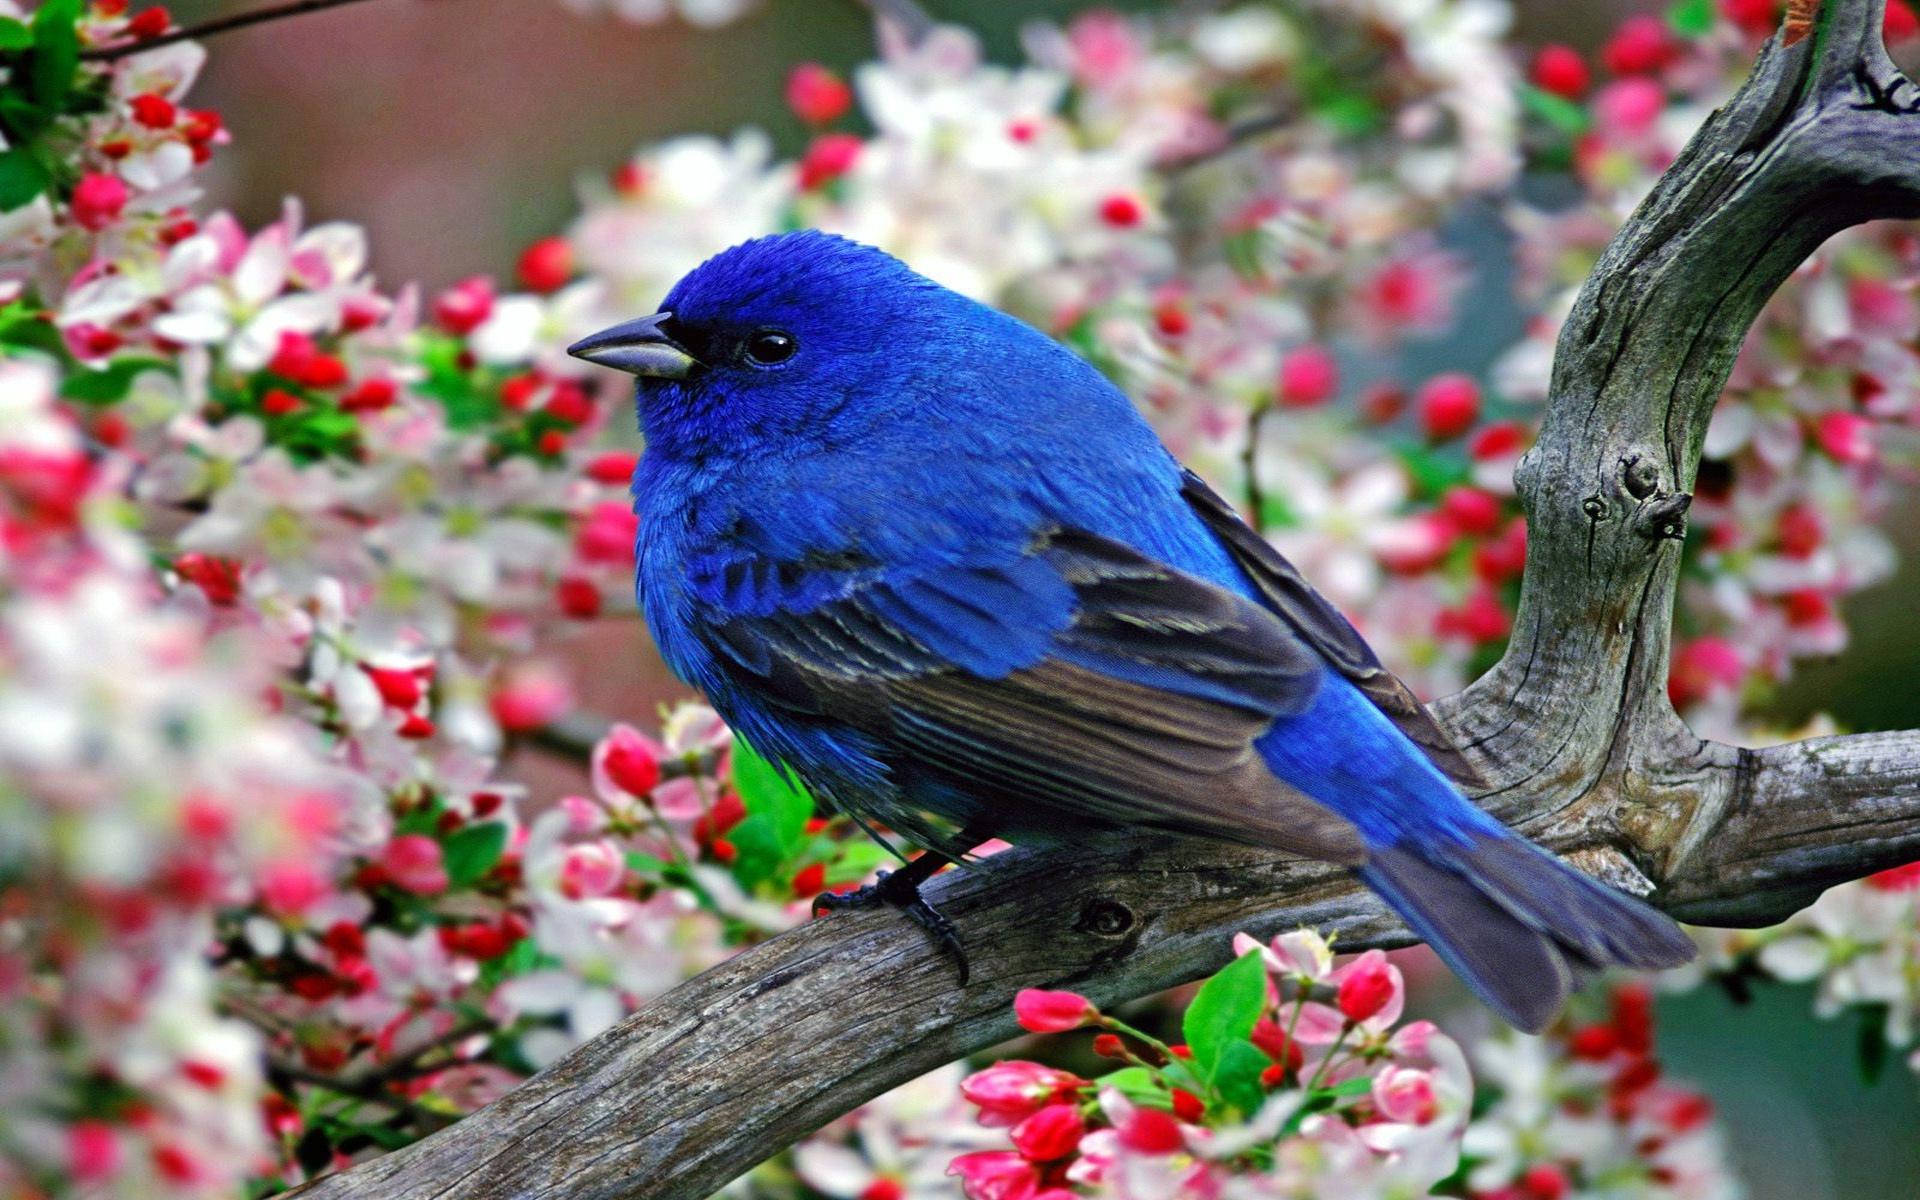 Blue Bird Wallpaper 39977 1600x1000 px 1920x1200